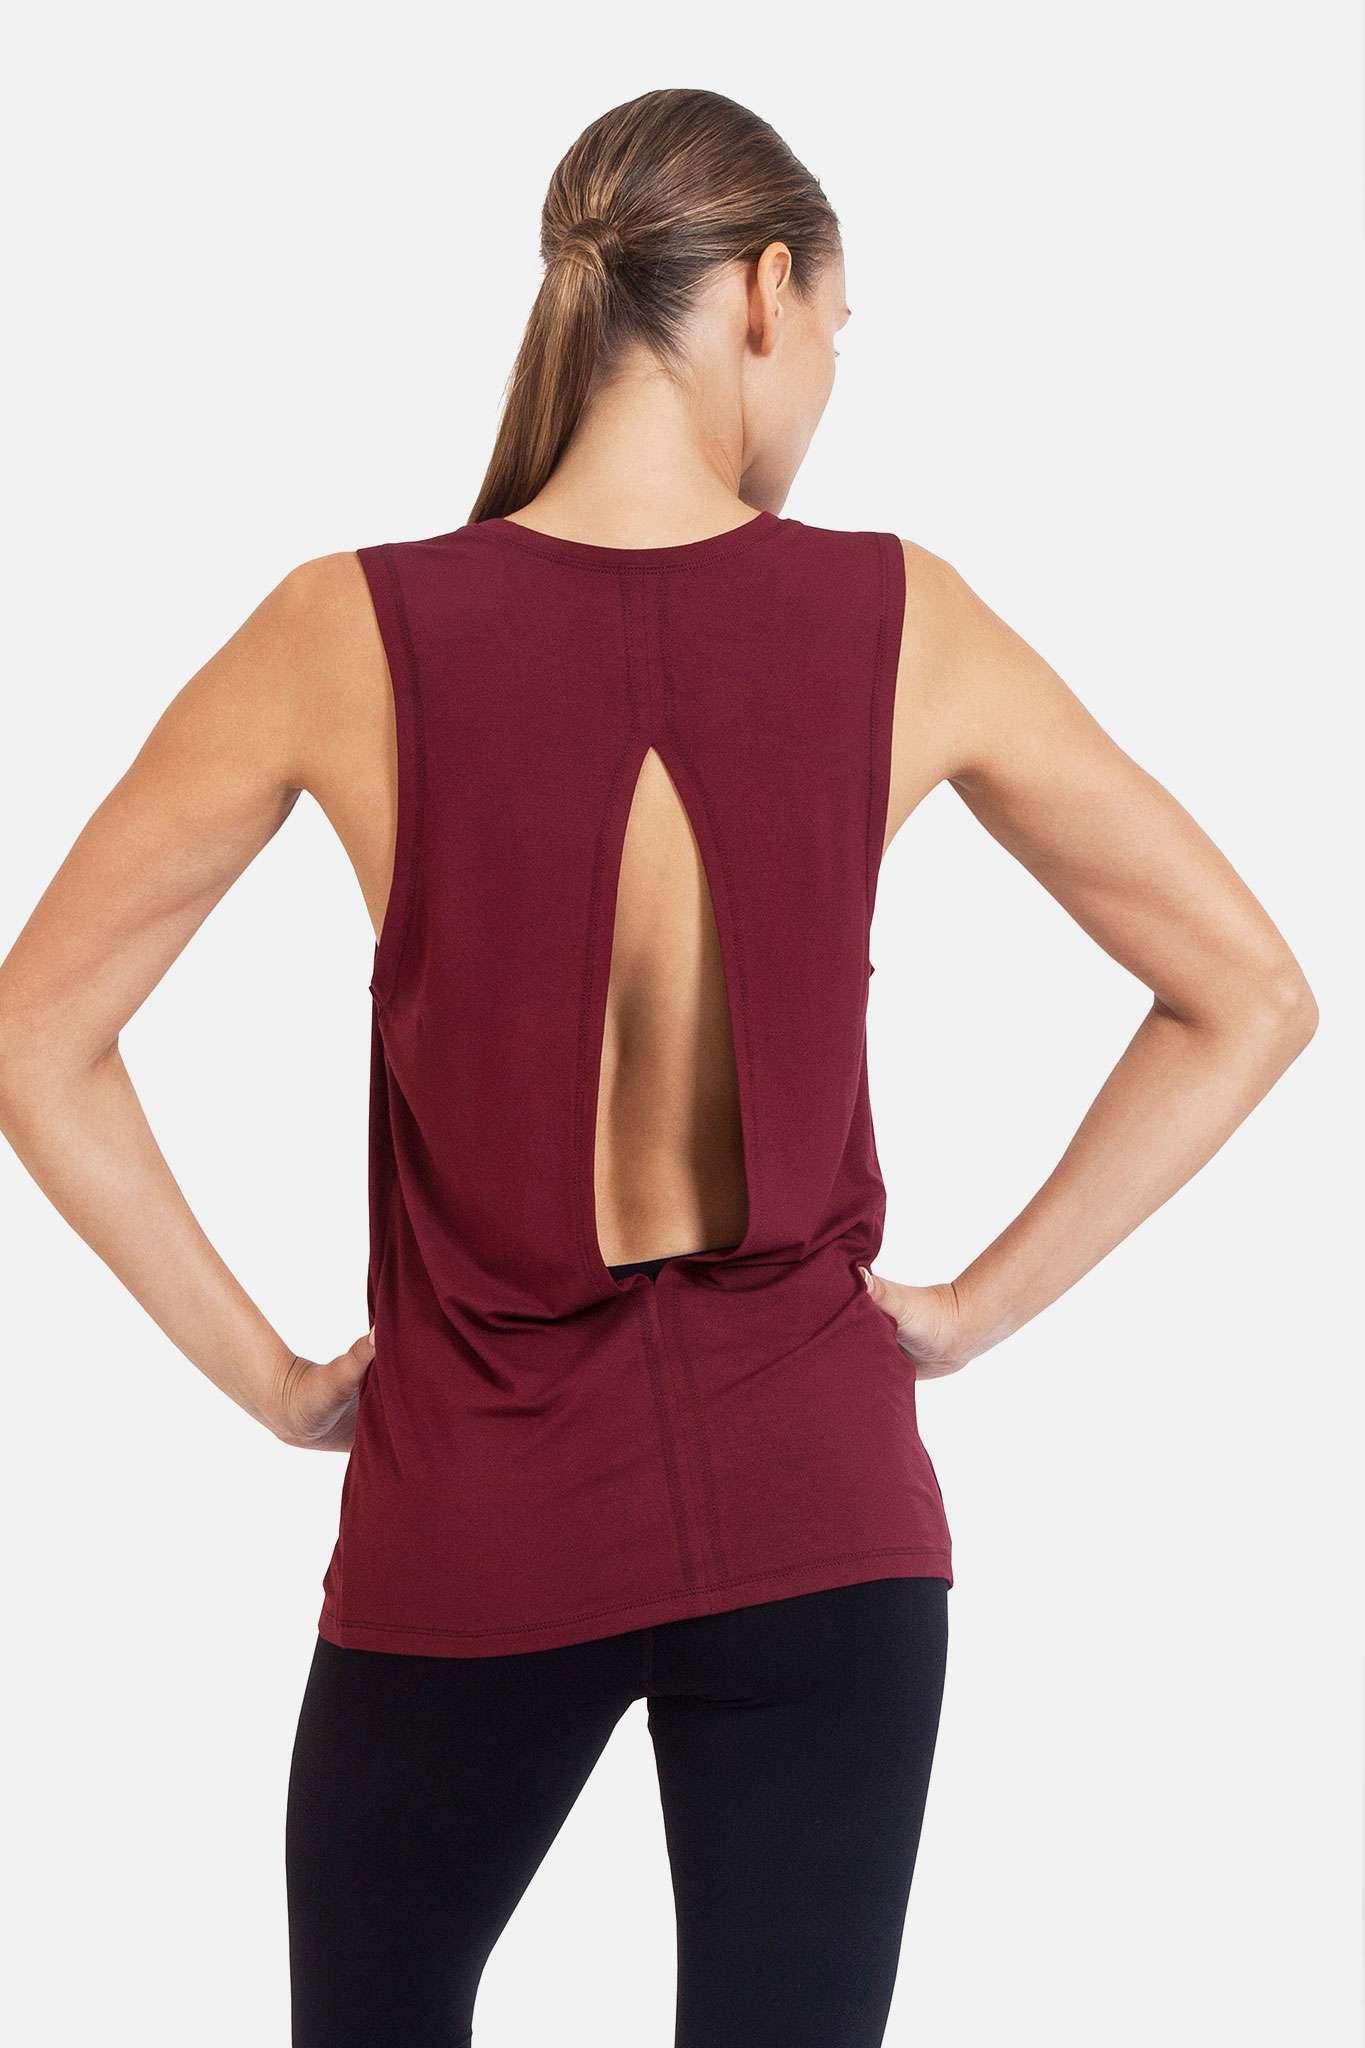 dharma bums diamond back yoga tee tank vest - wine